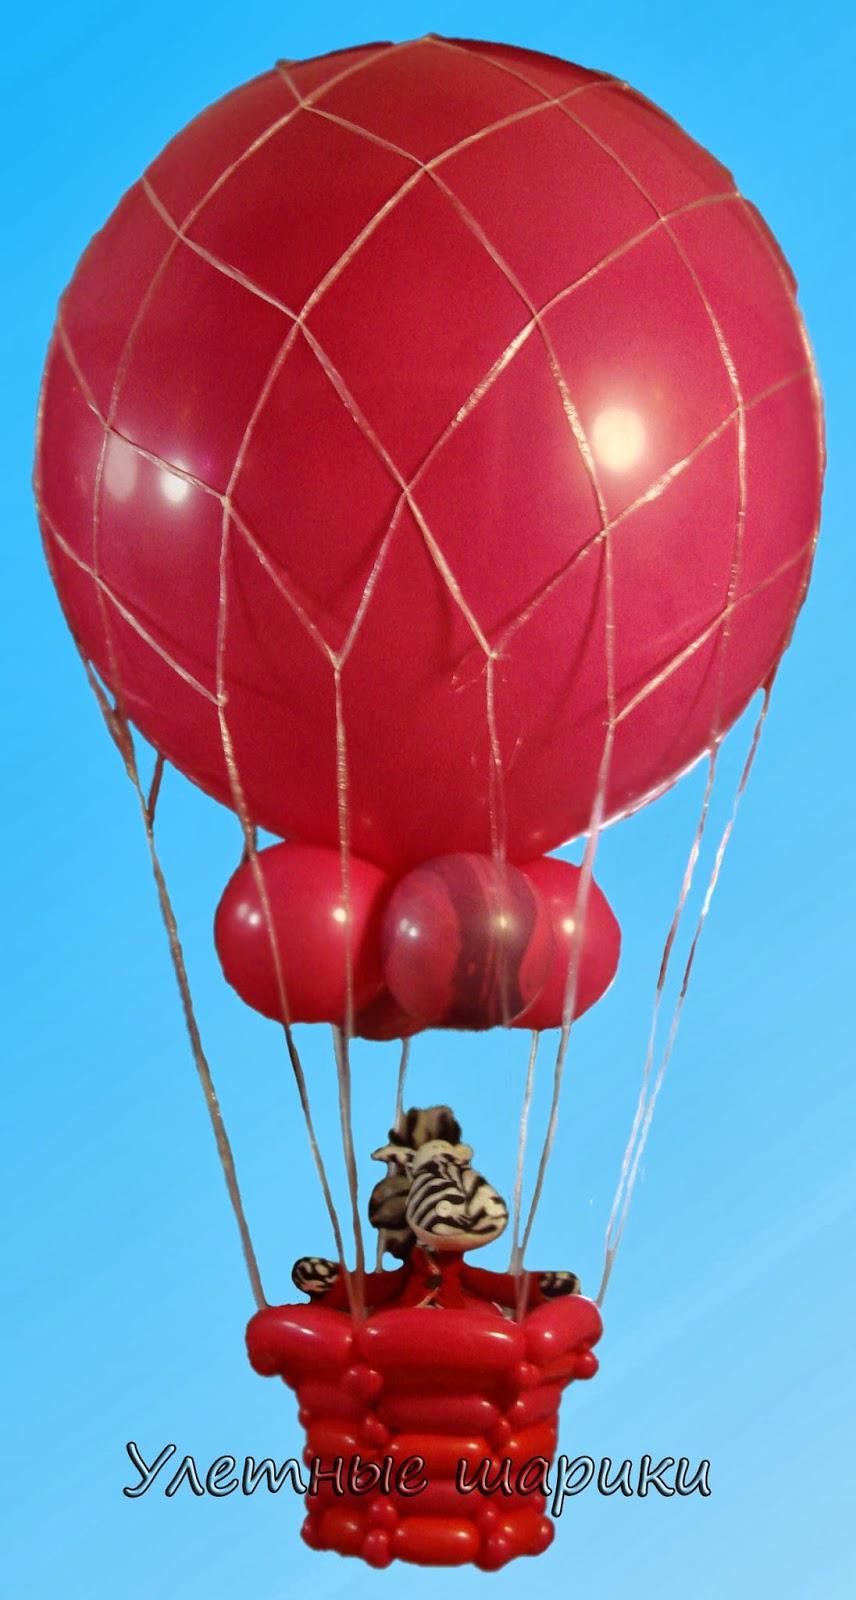 Аэростат из воздушных шариков